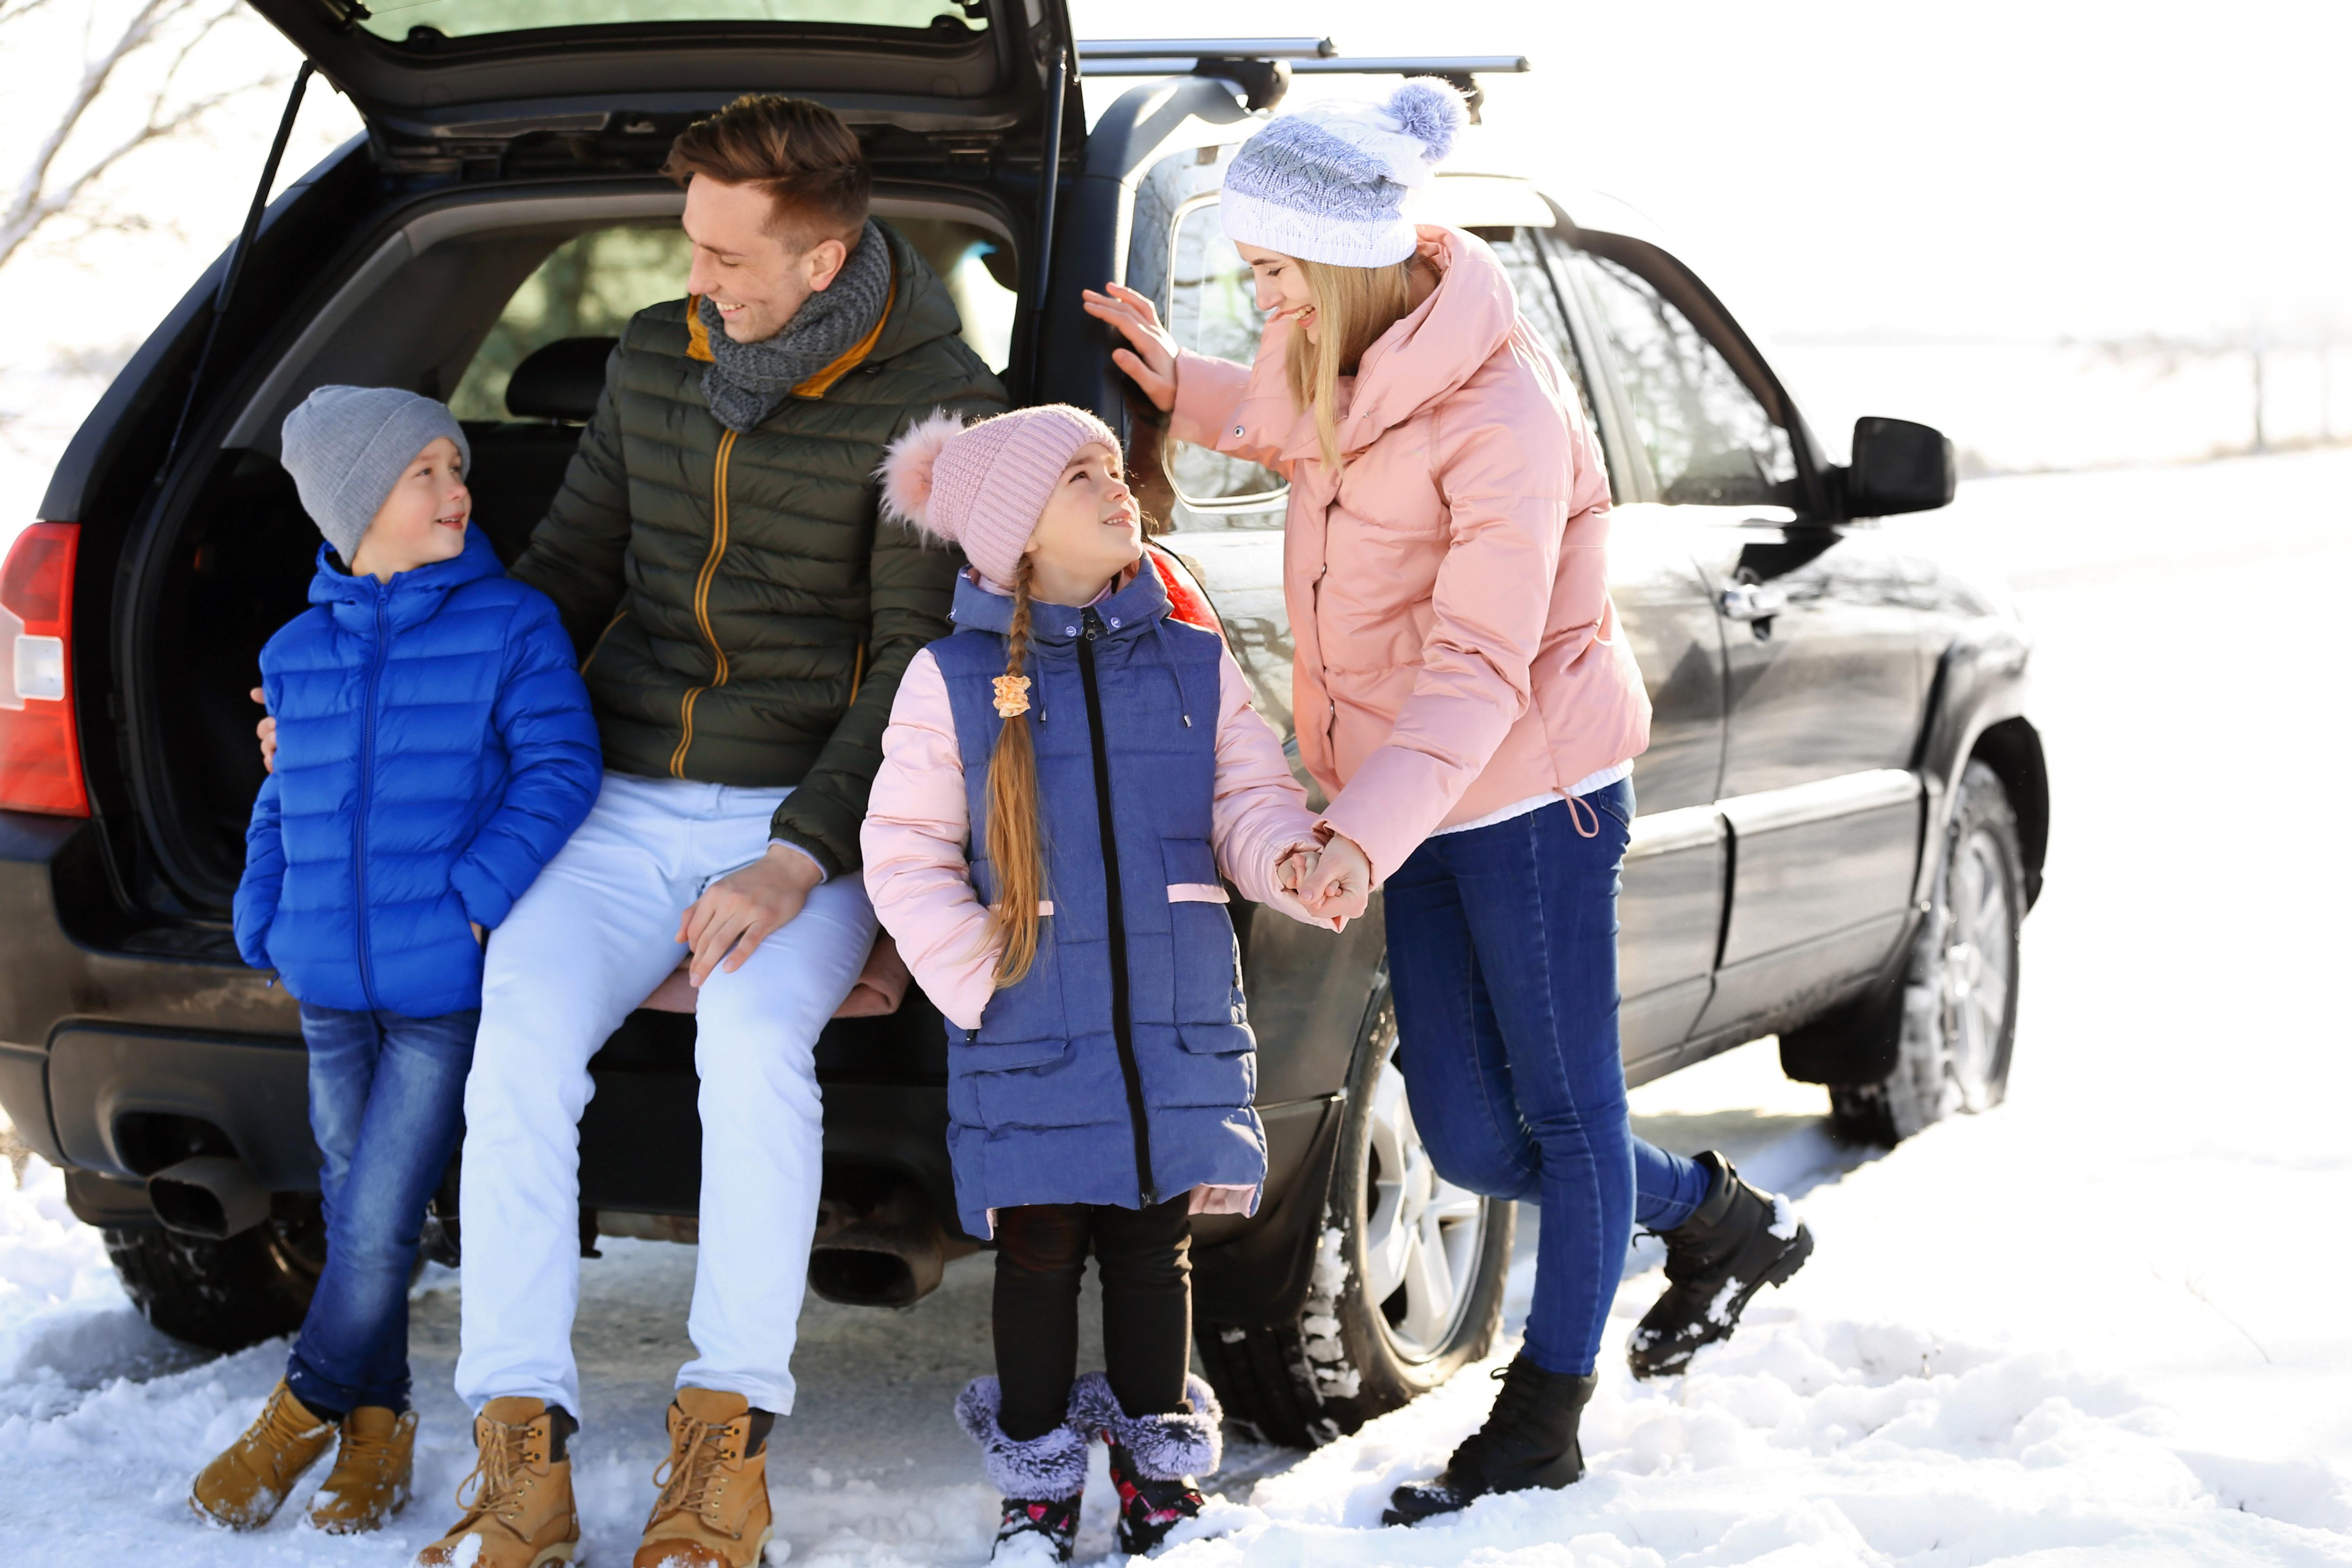 Iloinen perhe pitämässä taukoa auton edessä talvipäivänä.